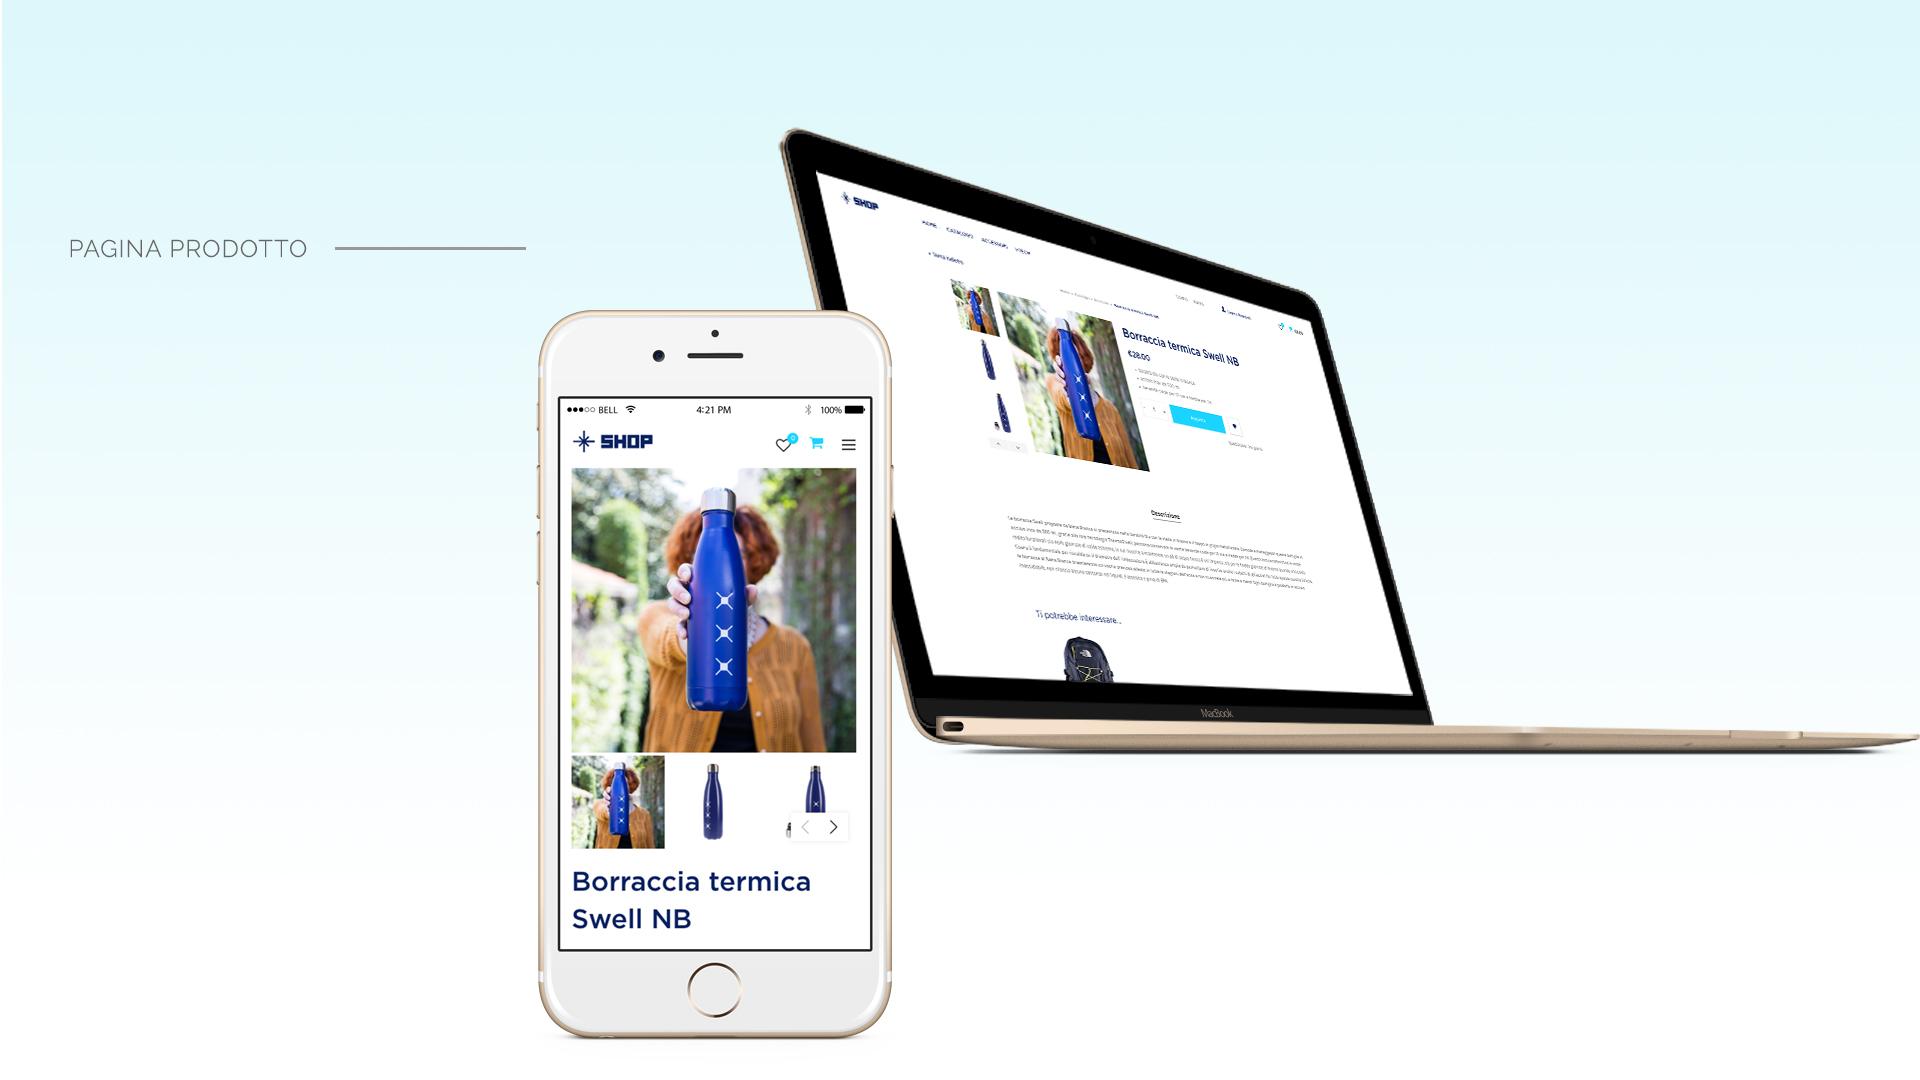 nana-bianca-shop-pagina-prodotto